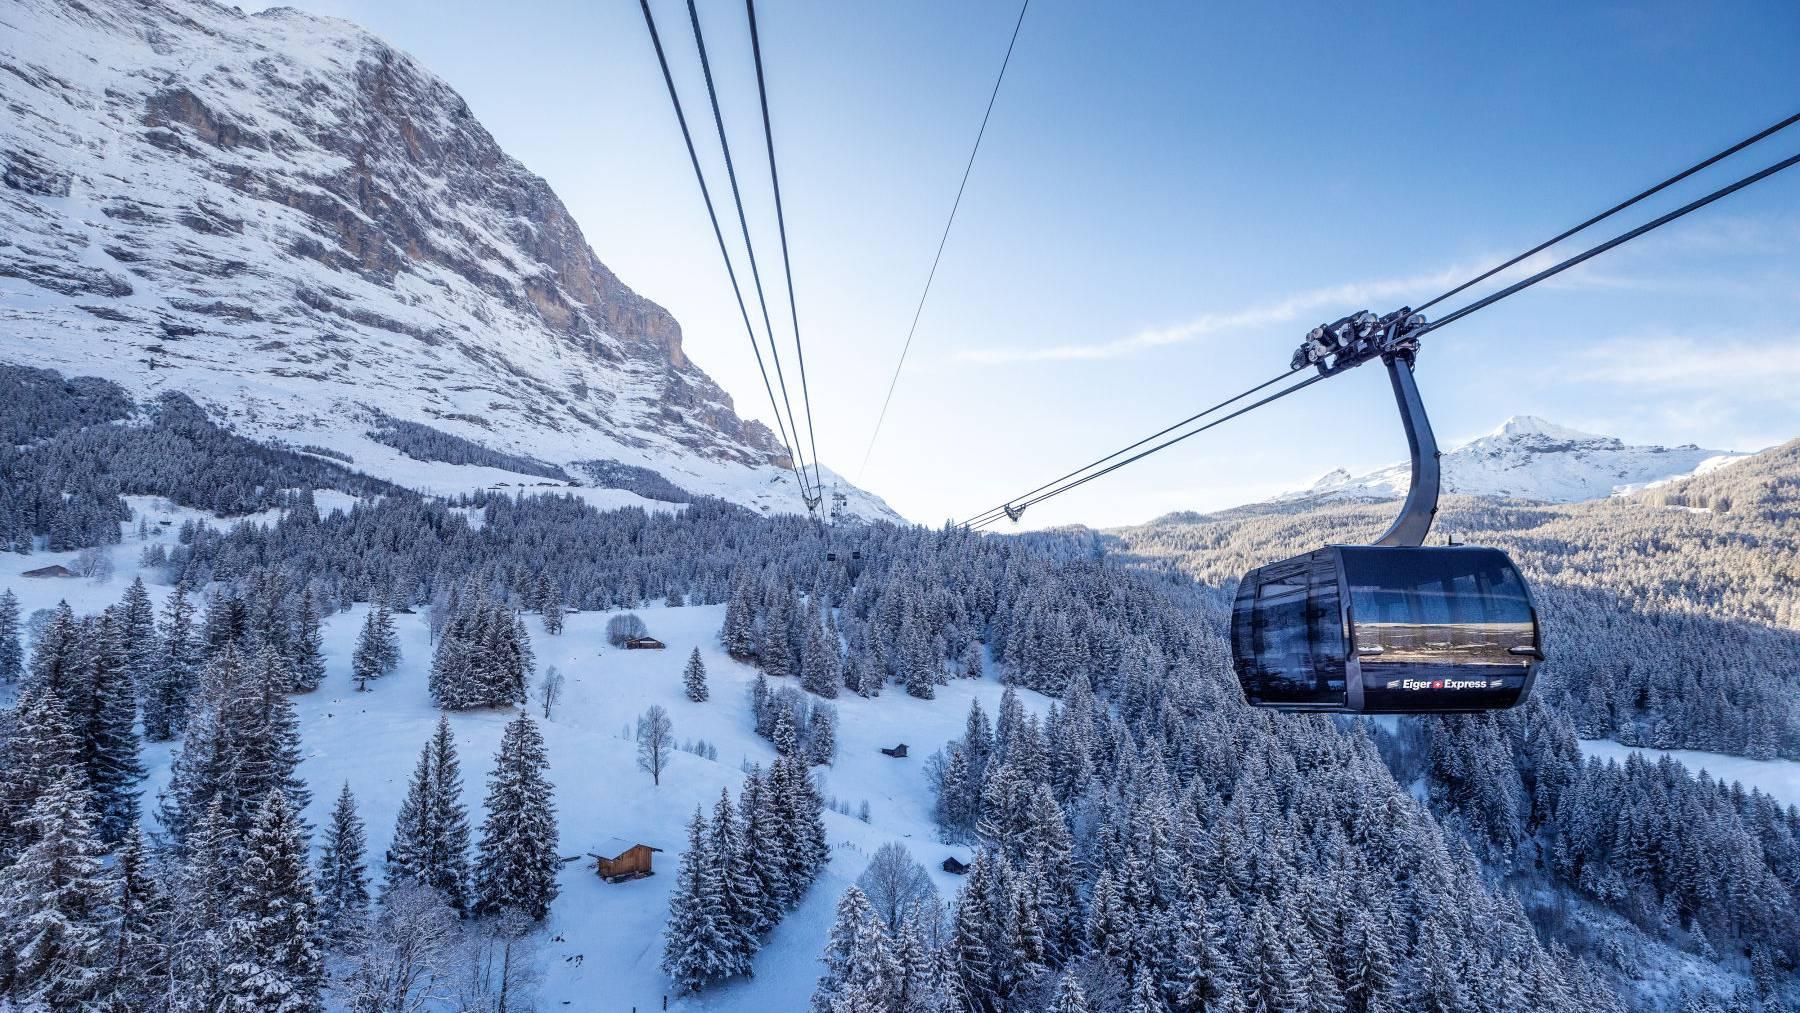 Eiger-Express-Eiger-Nahaufnahme-Winter